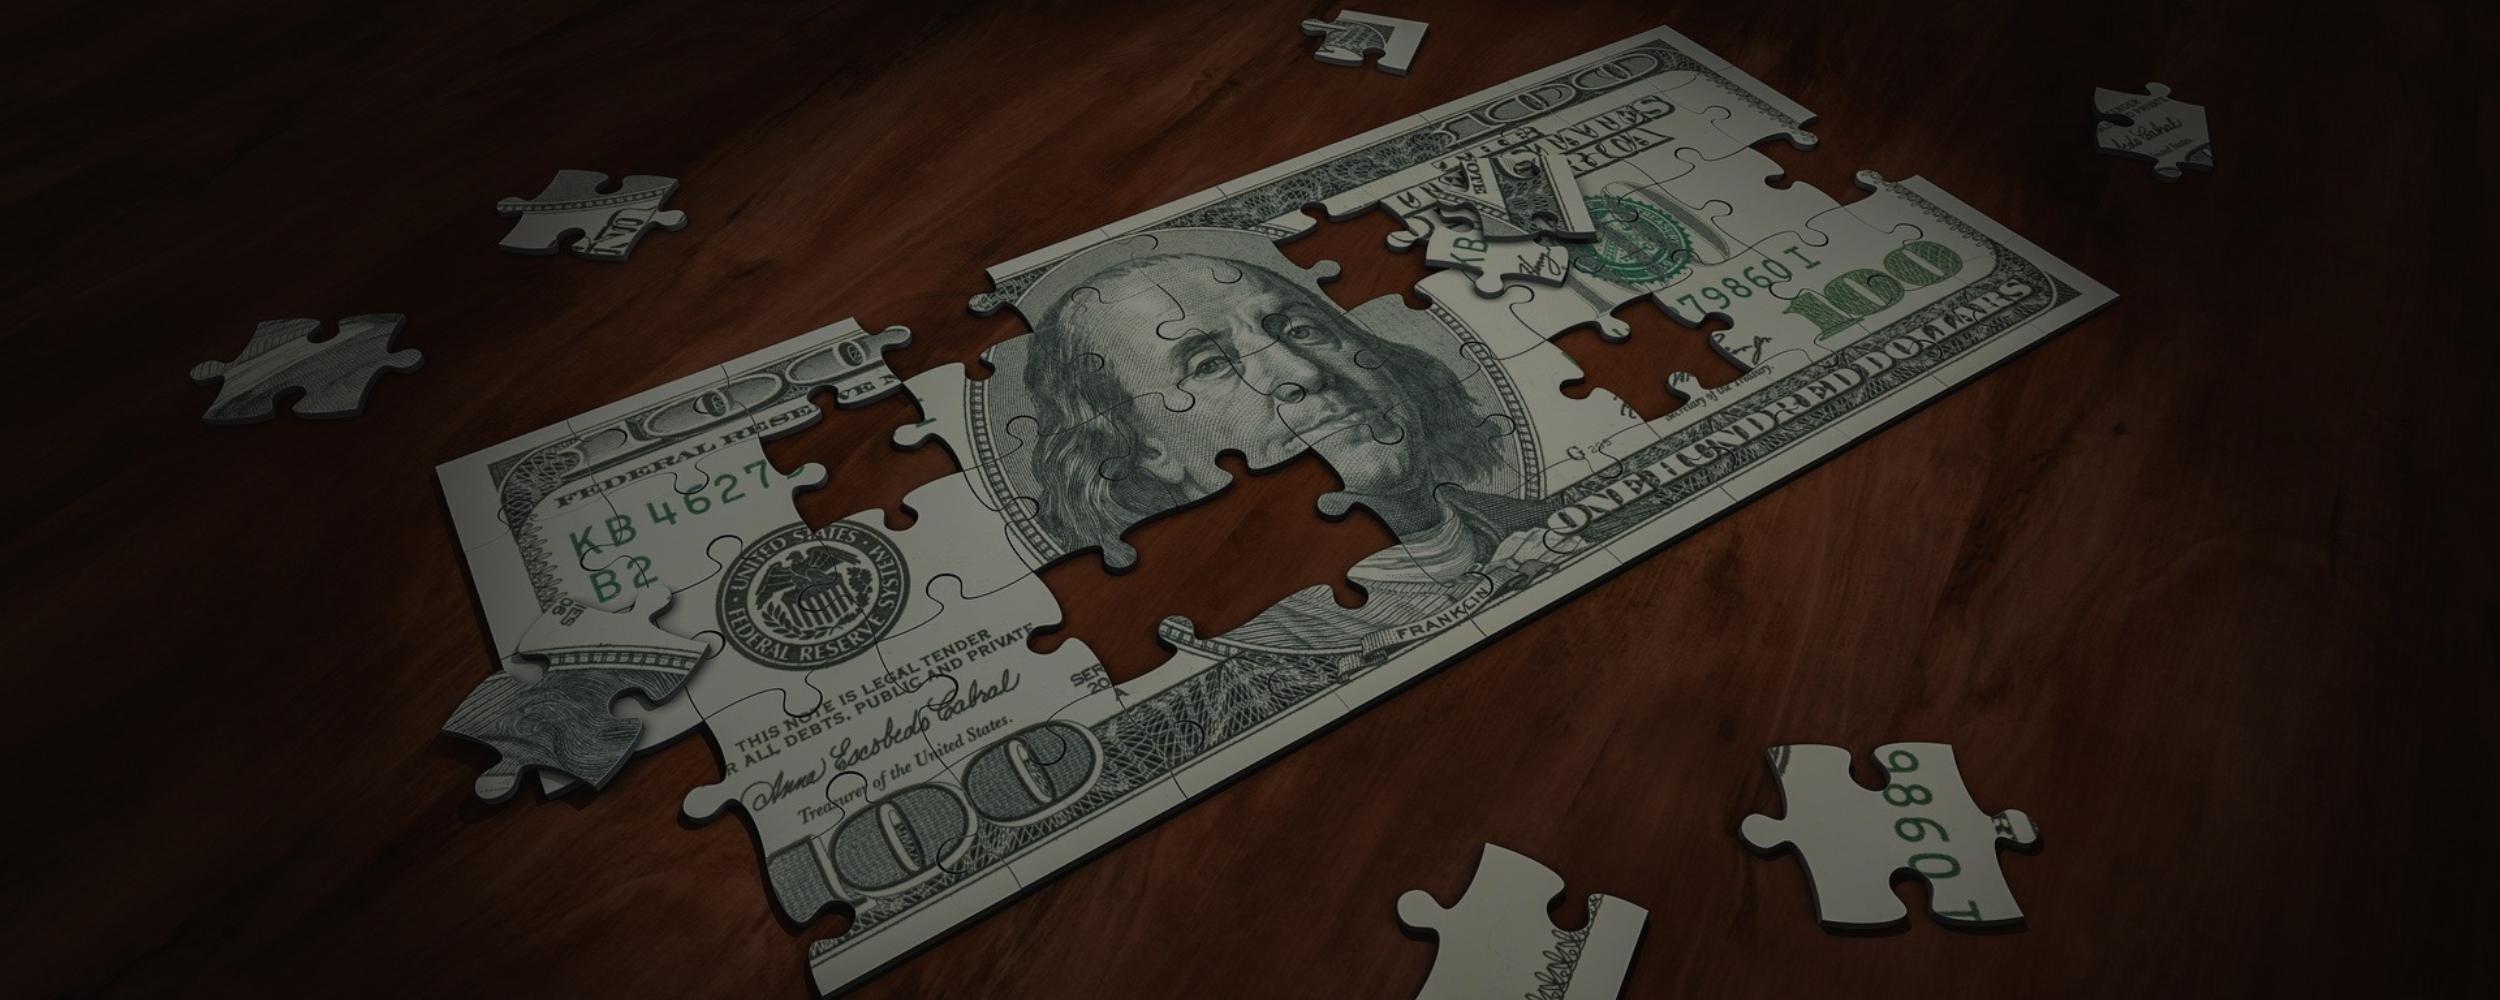 ADICAE analiza la actuación de la banca y de los consumidores durante la crisis de la covid-19 en el ámbito hipotecario